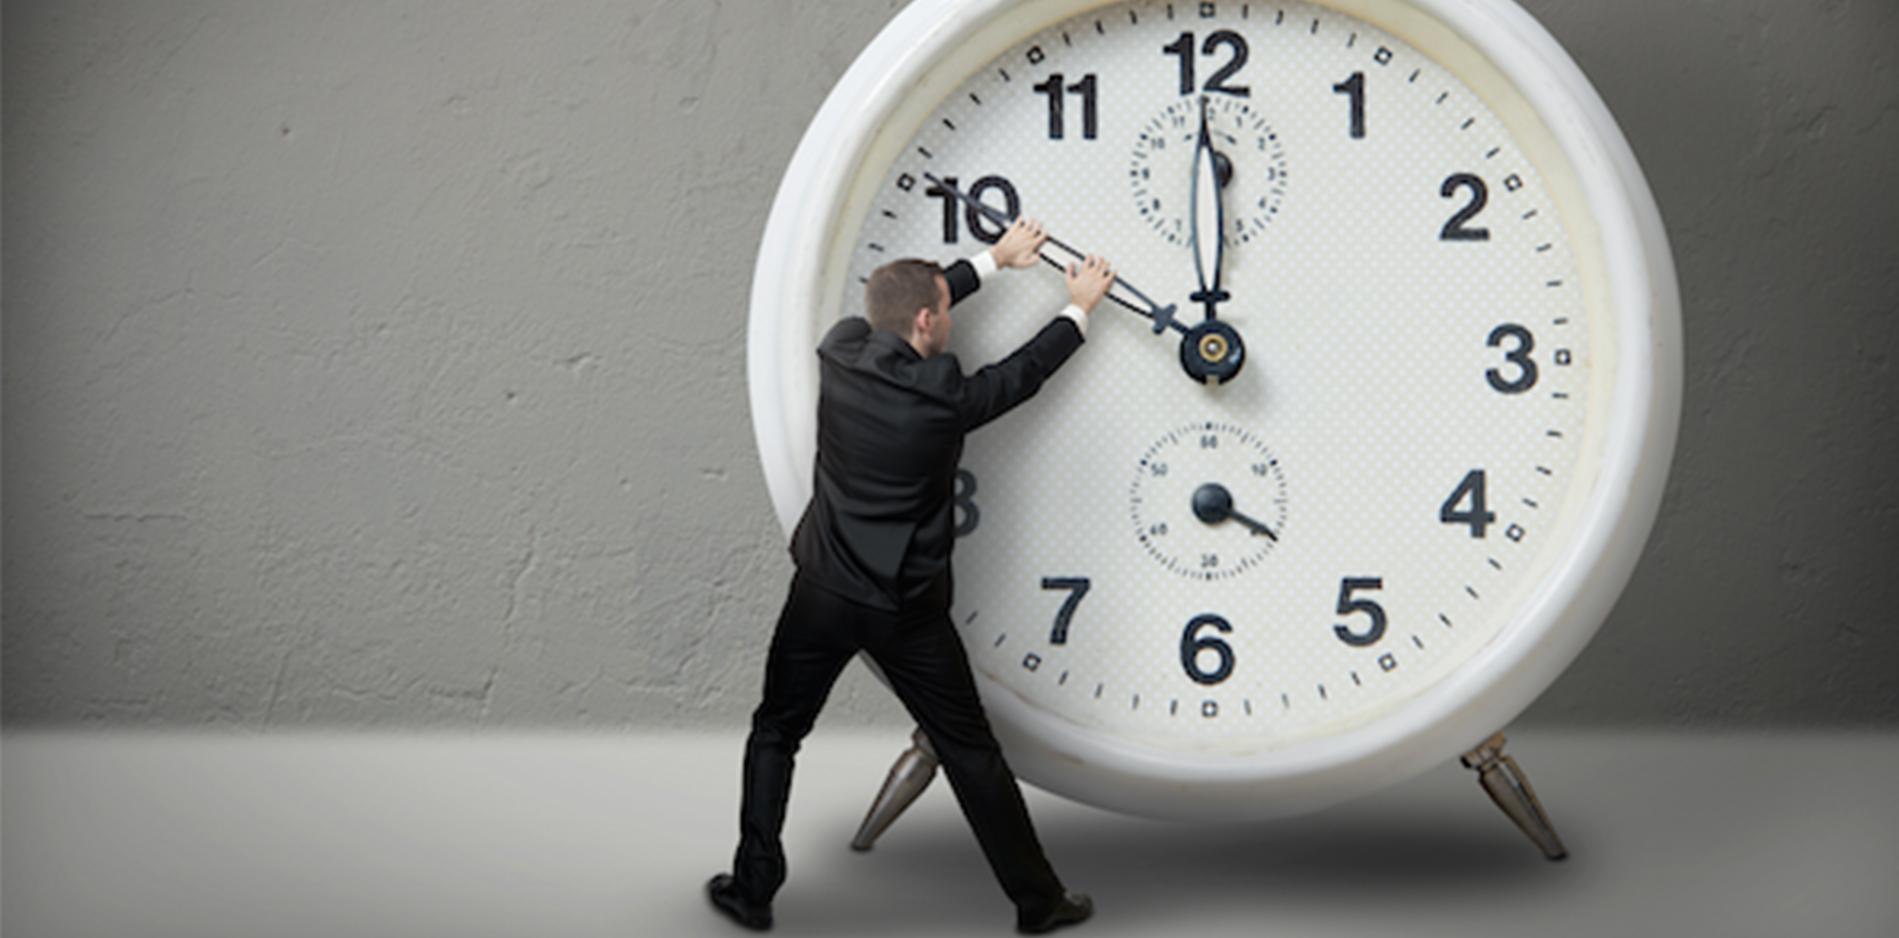 時計の針を動かそうとするサラリーマン 副腎疲労blog